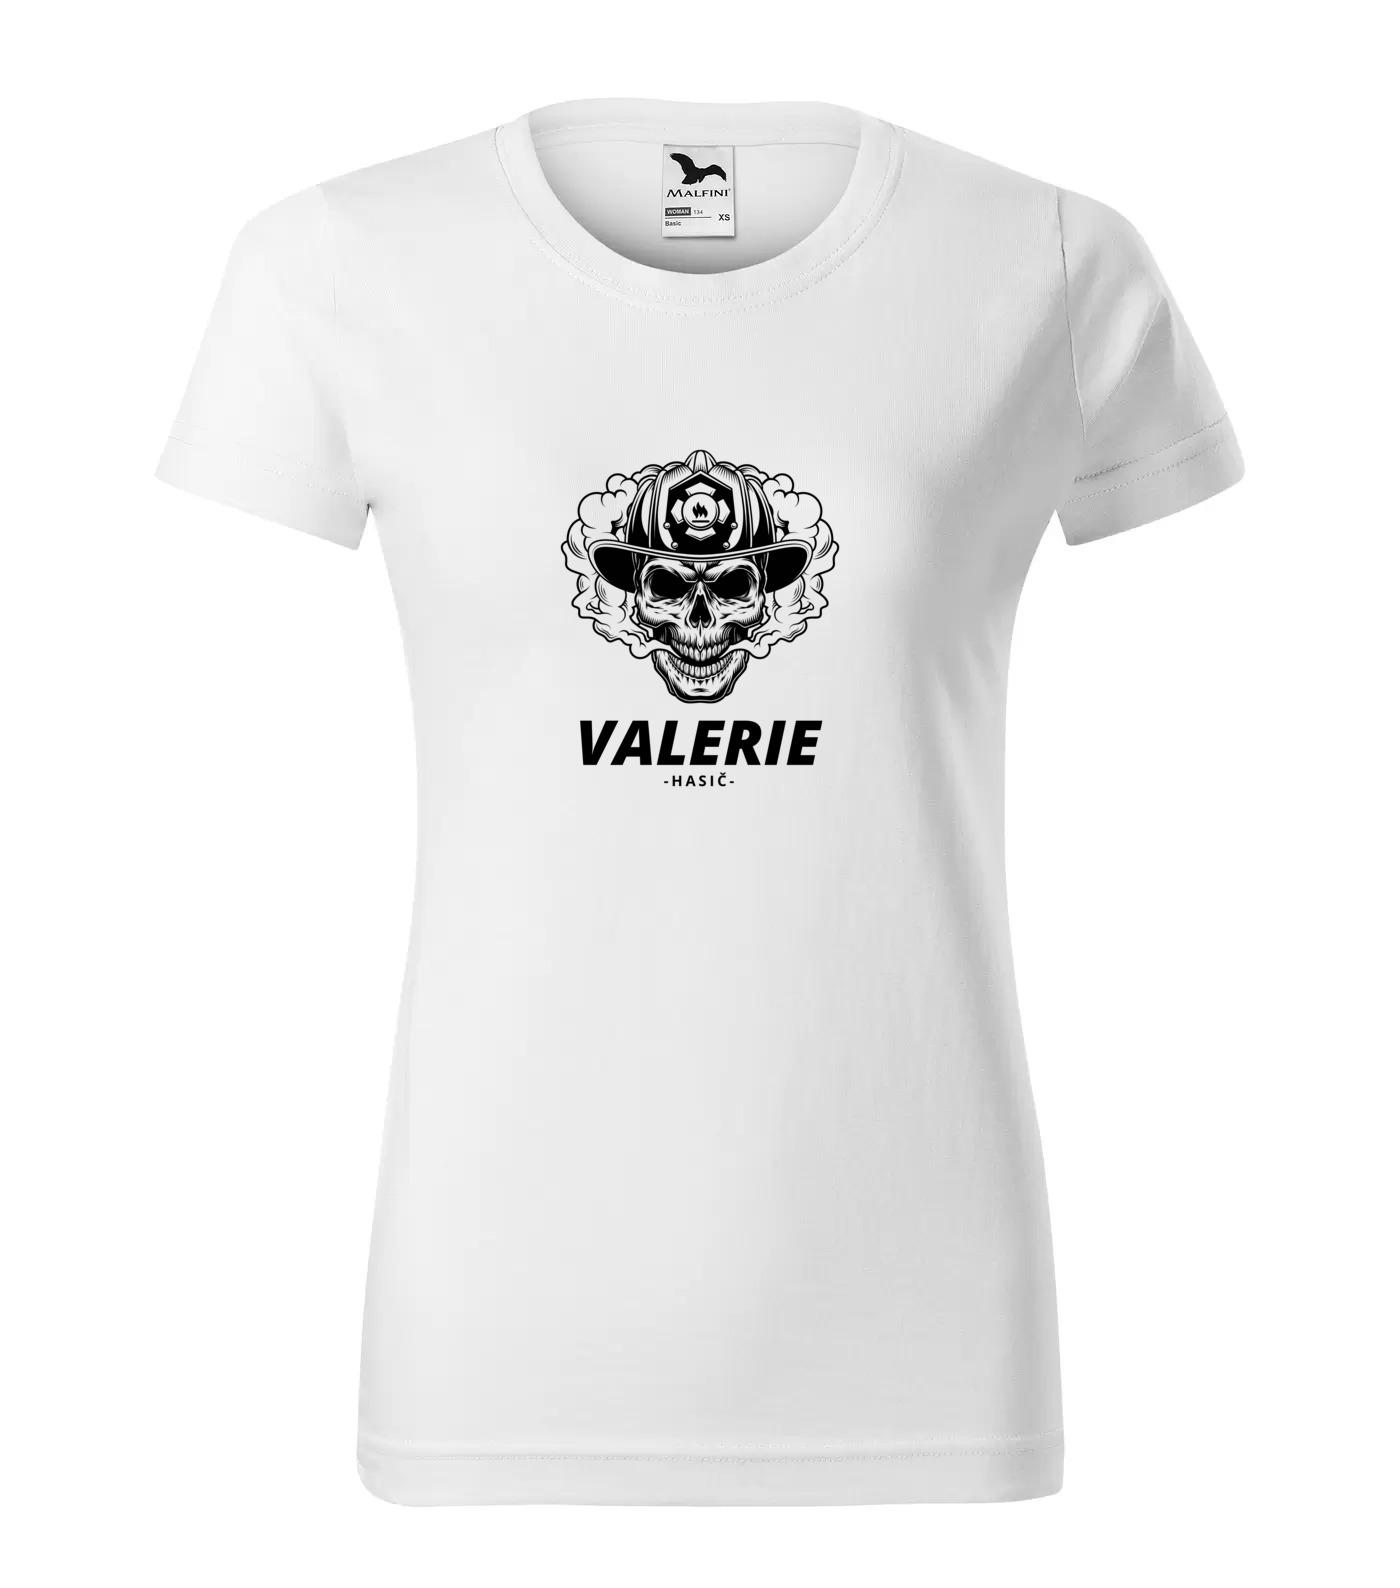 Tričko Hasič Valerie